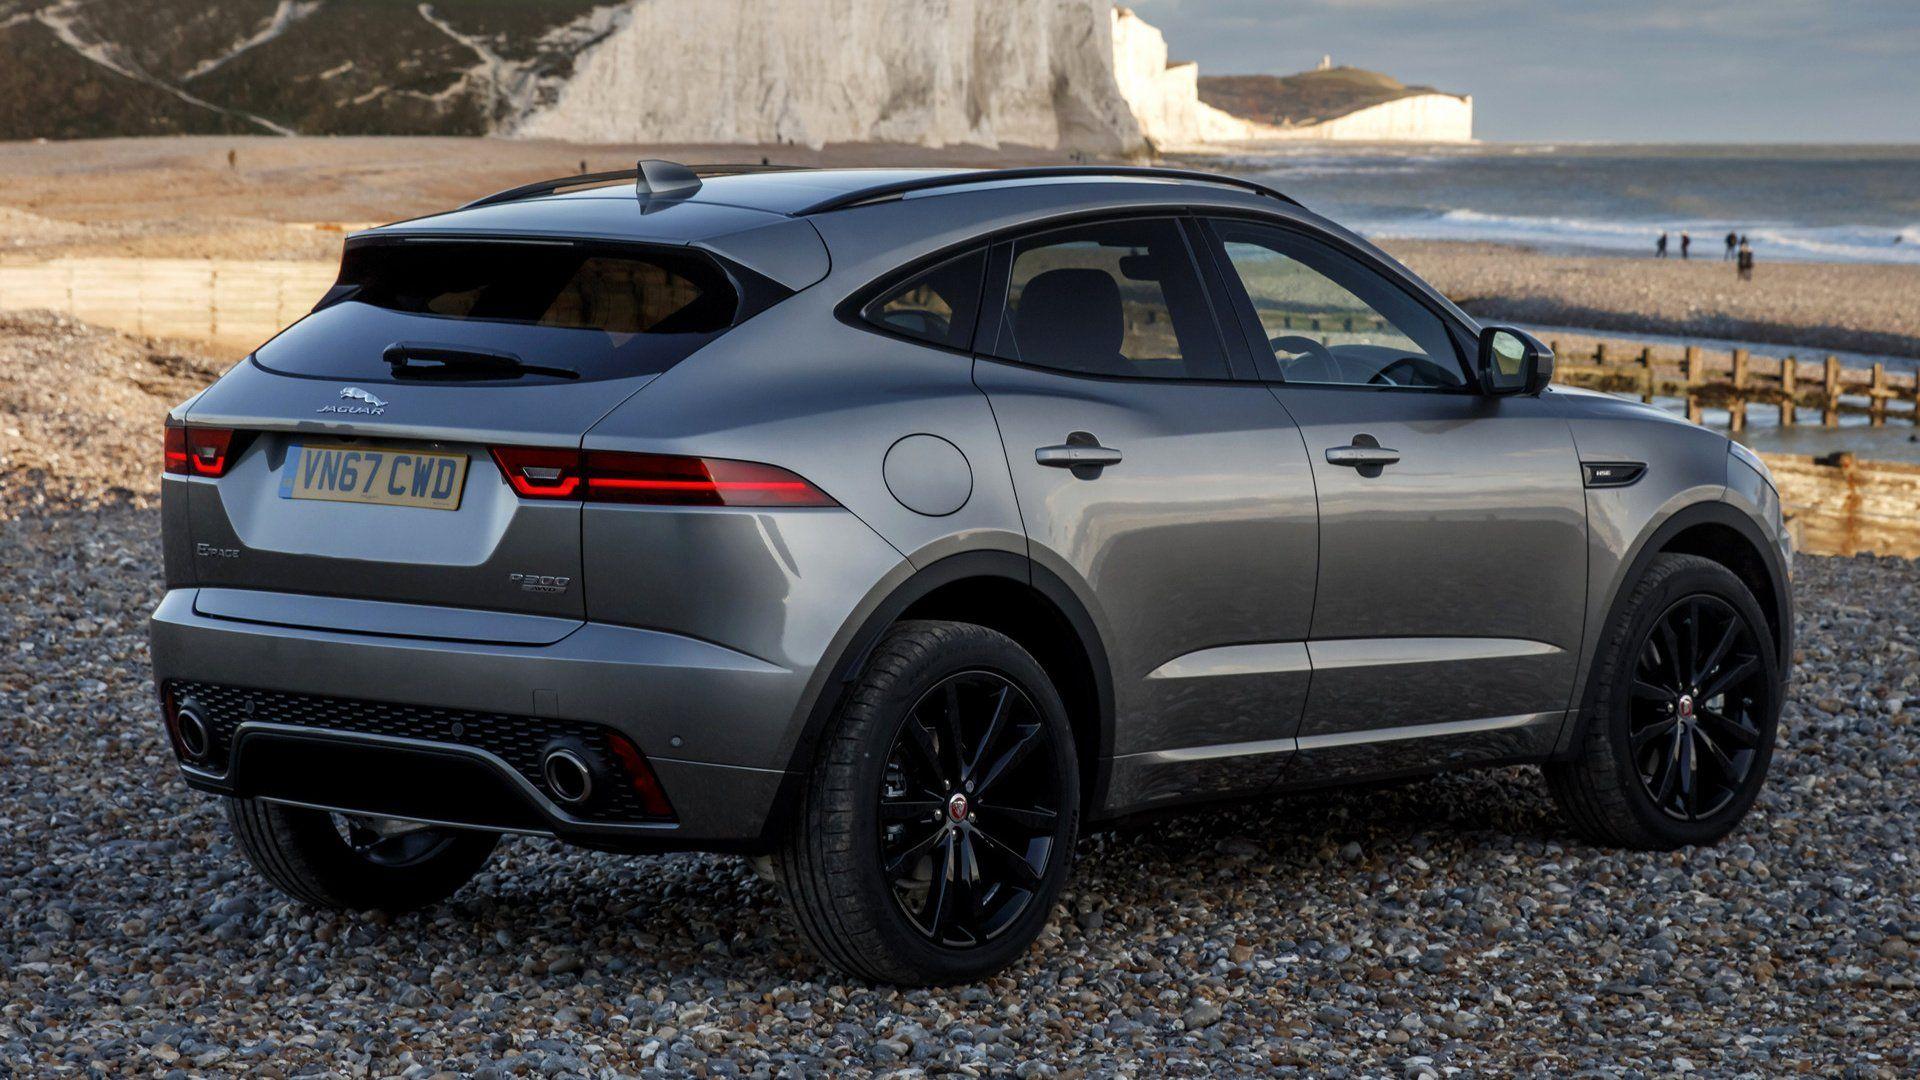 Vehicles Jaguar EPace Luxury Car Compact Car SUV Black